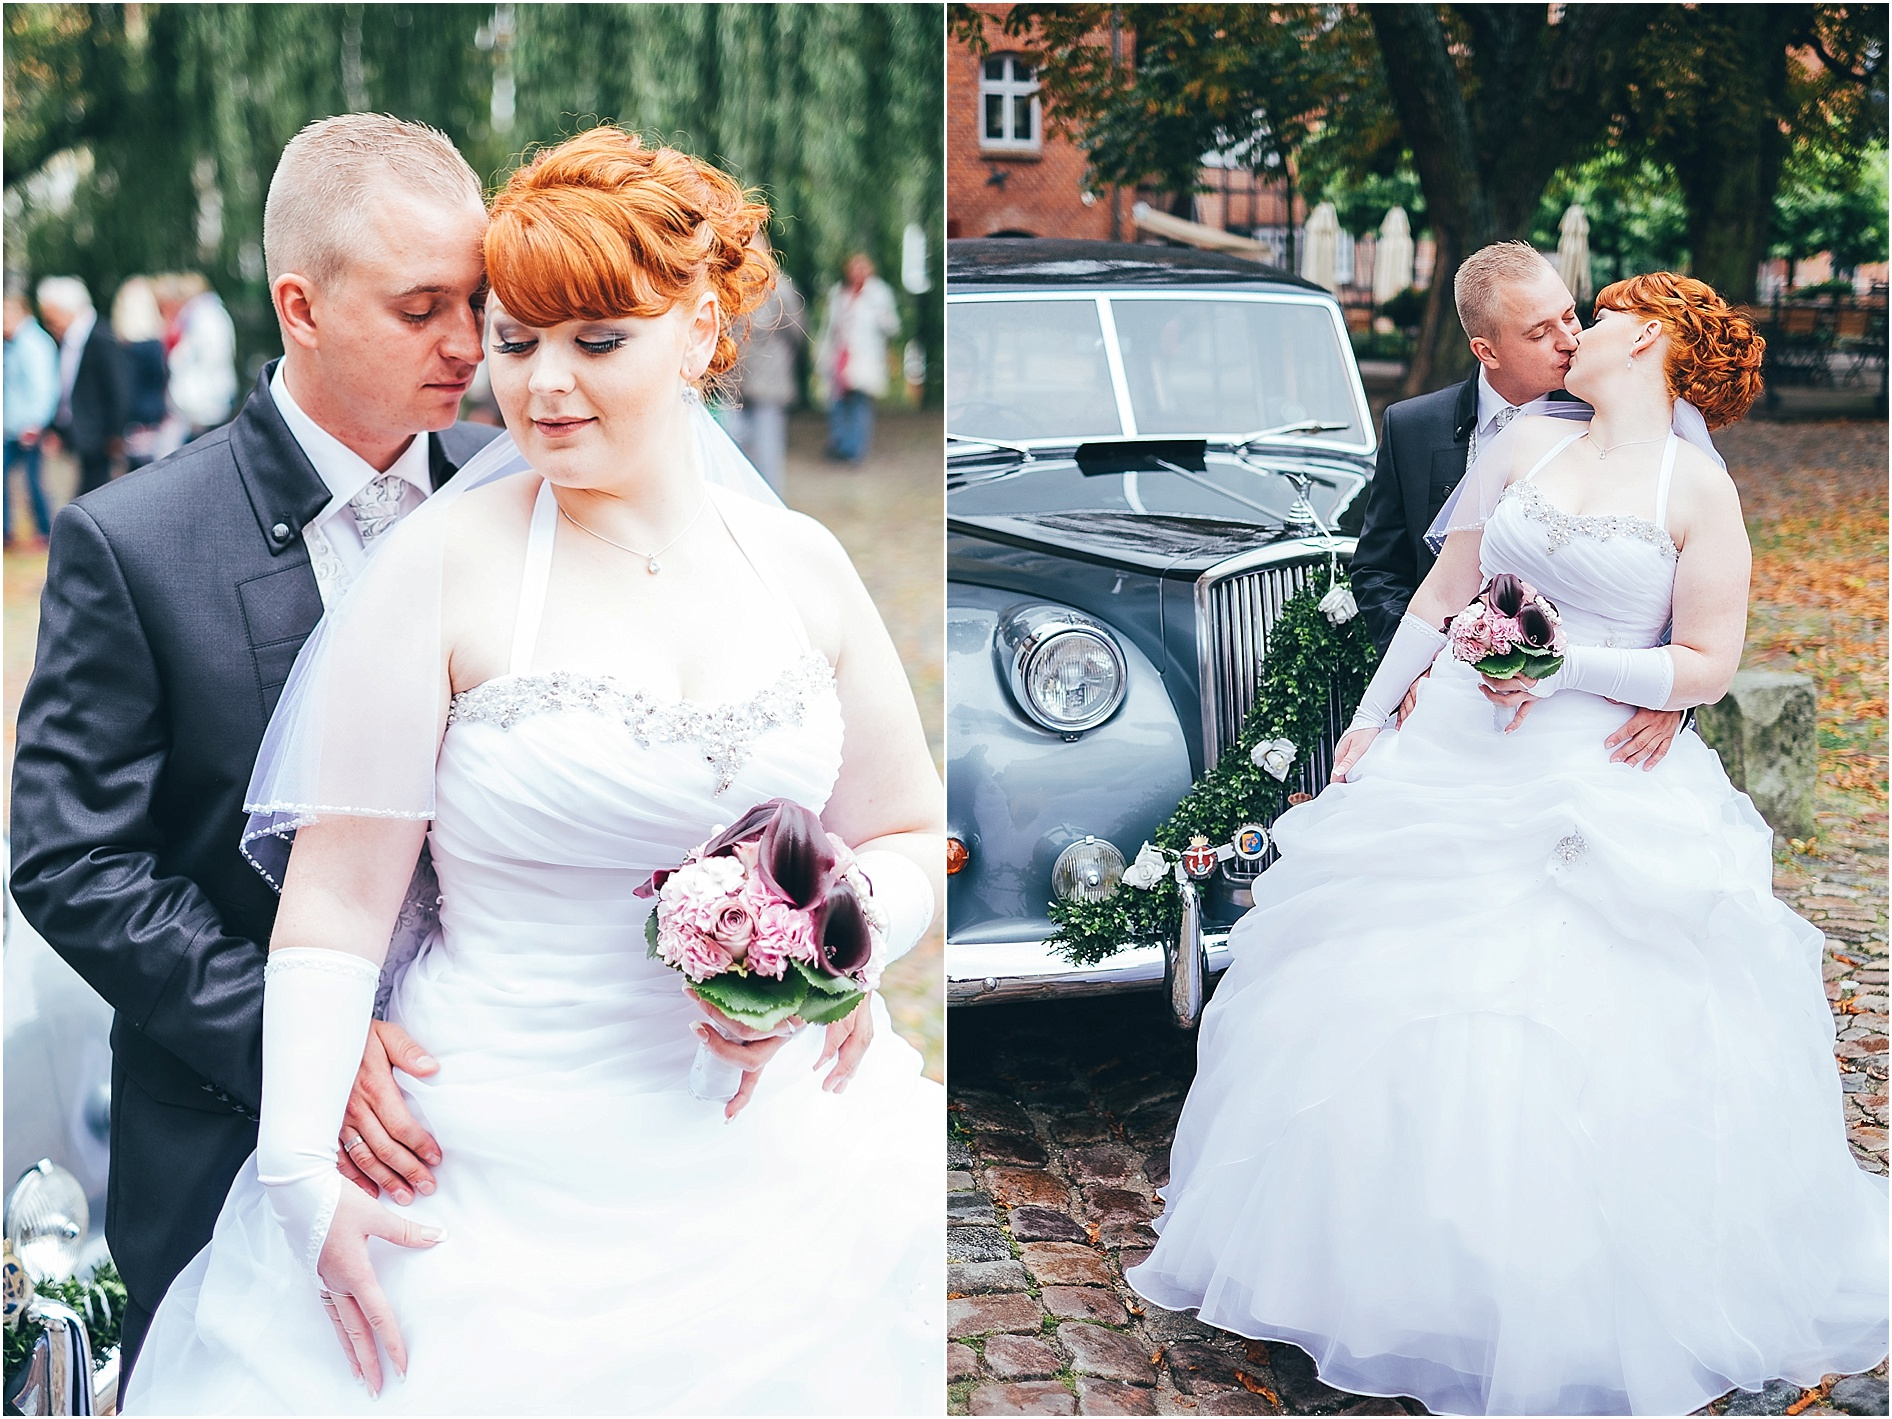 2014-11-20_0055 Lora & Daniel - Als Hochzeitsfotograf in Lüneburg